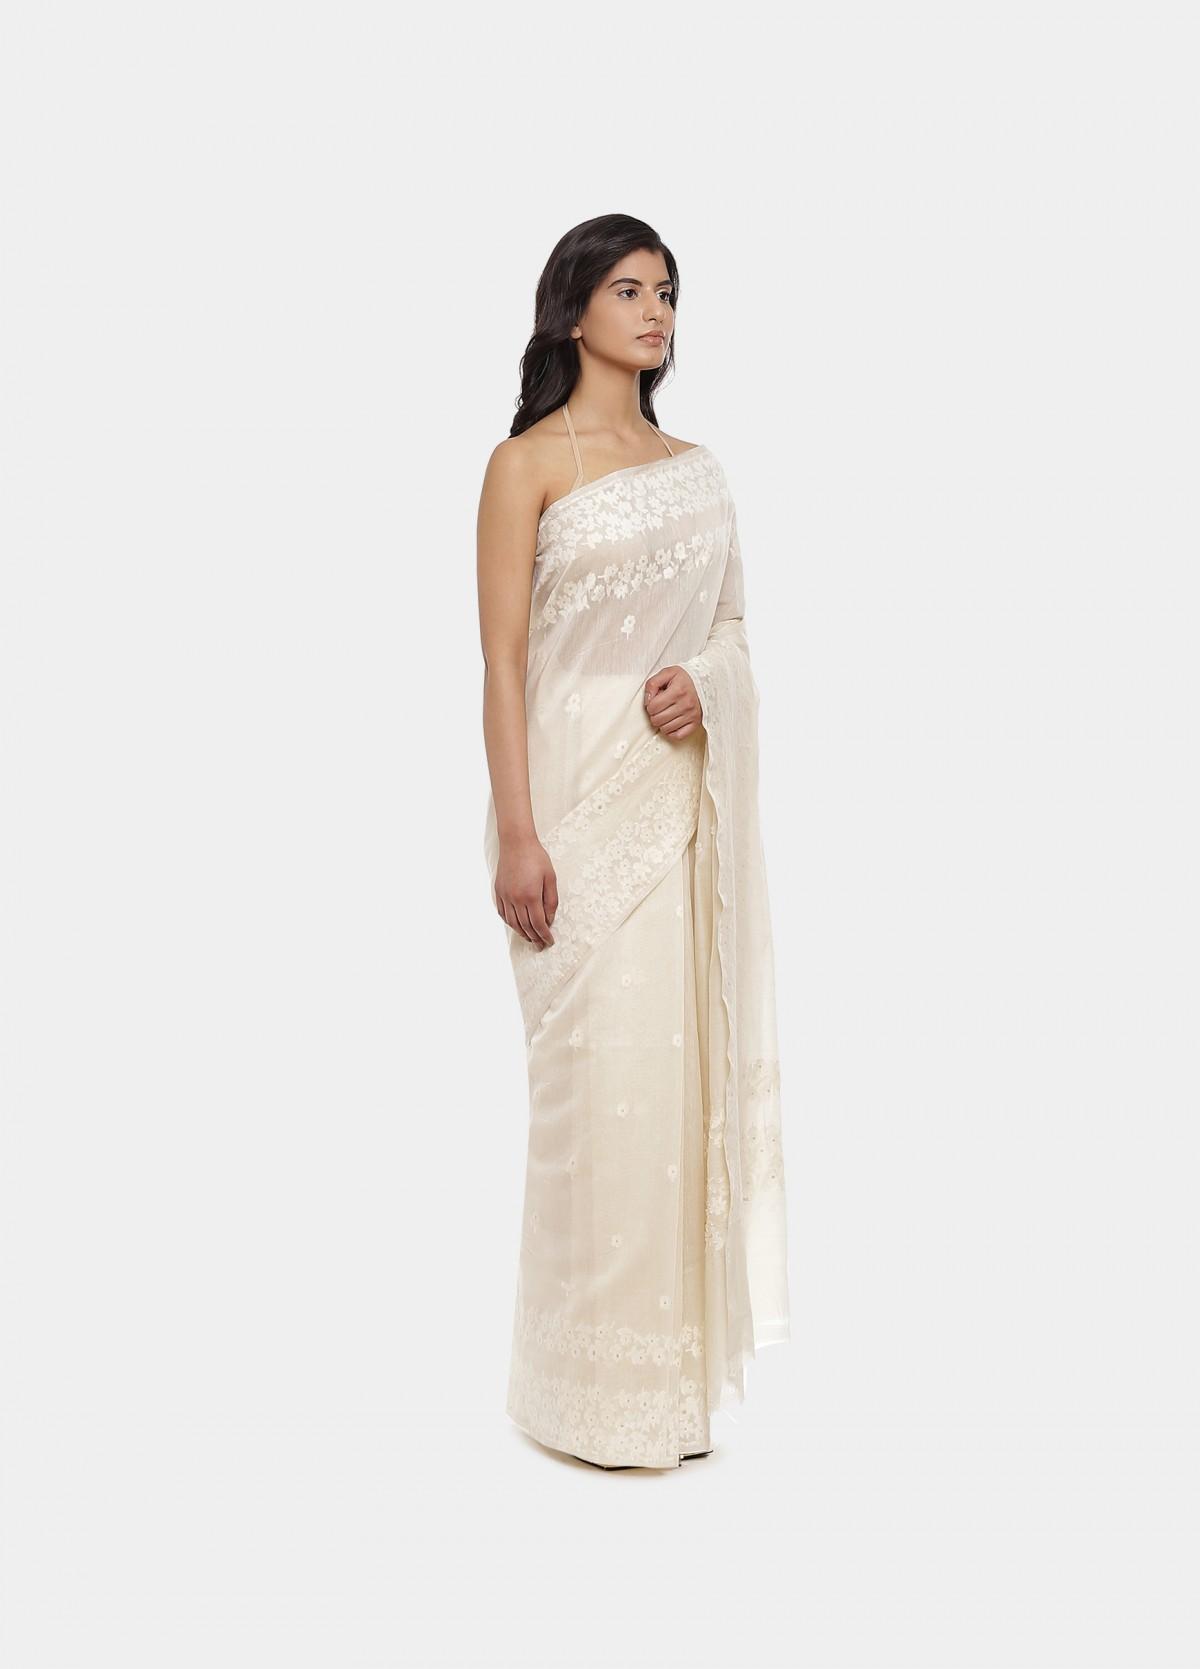 The Sadabhar Sari